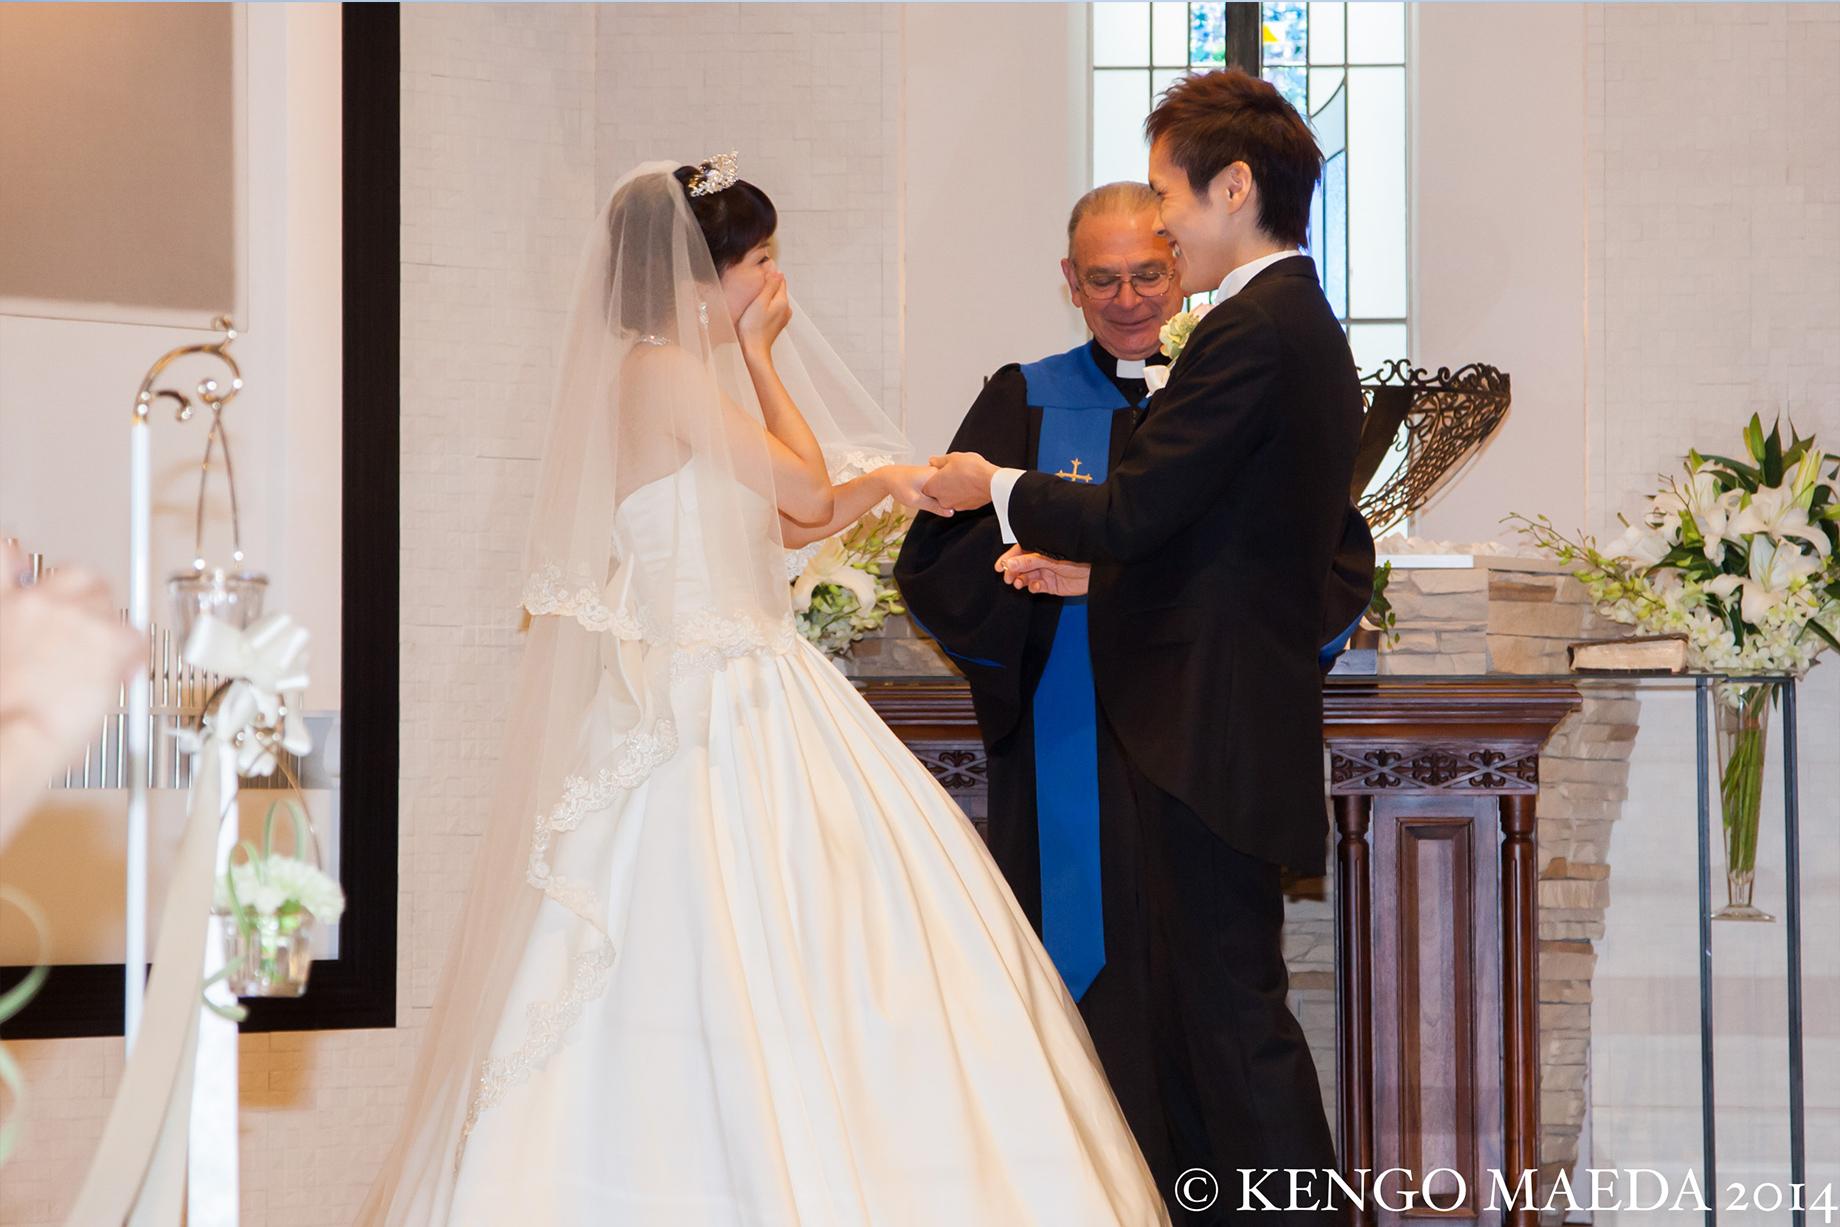 L-CLIP 結婚写真 お客様の声 H様夫妻 02